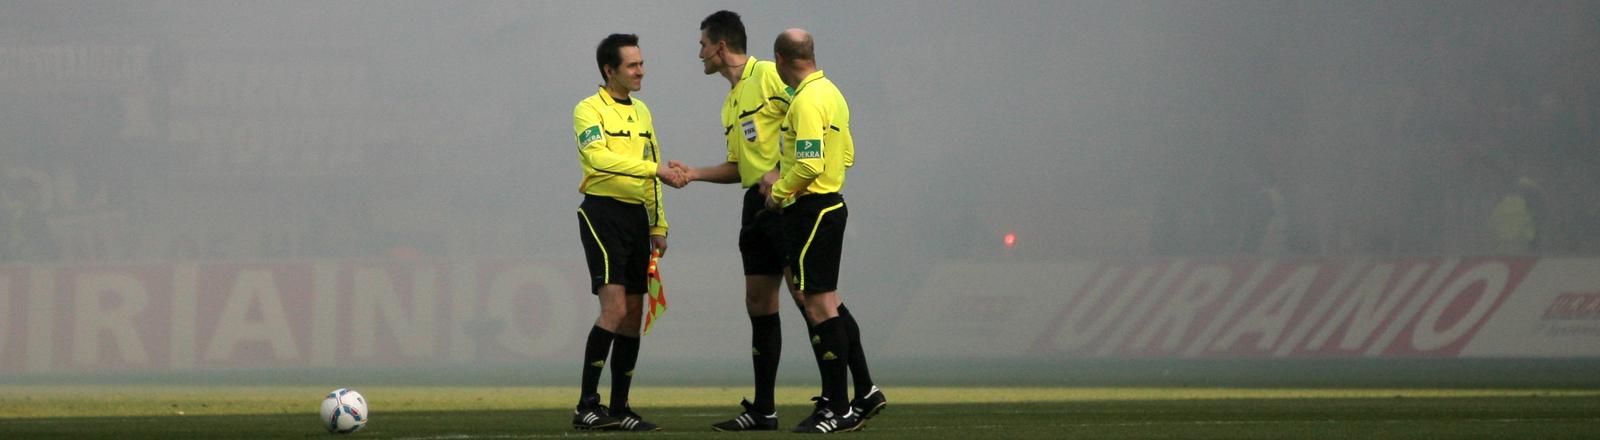 Schiedsrichter, umzingelt von Fußballspielern, zieht eine gelbe Karte